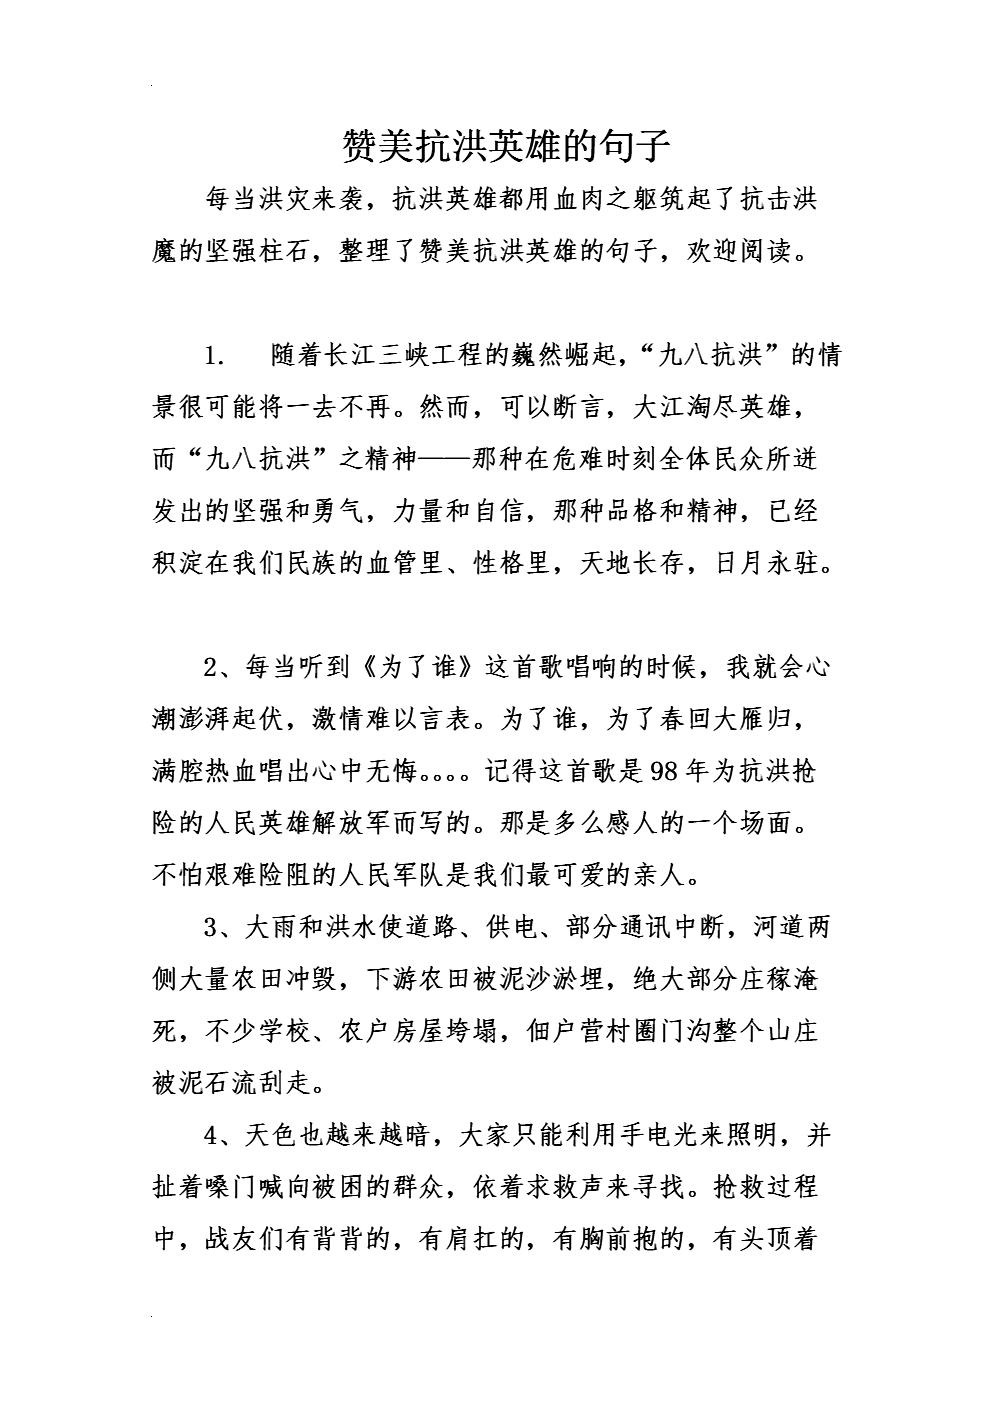 赞美抗洪英雄的句子.doc